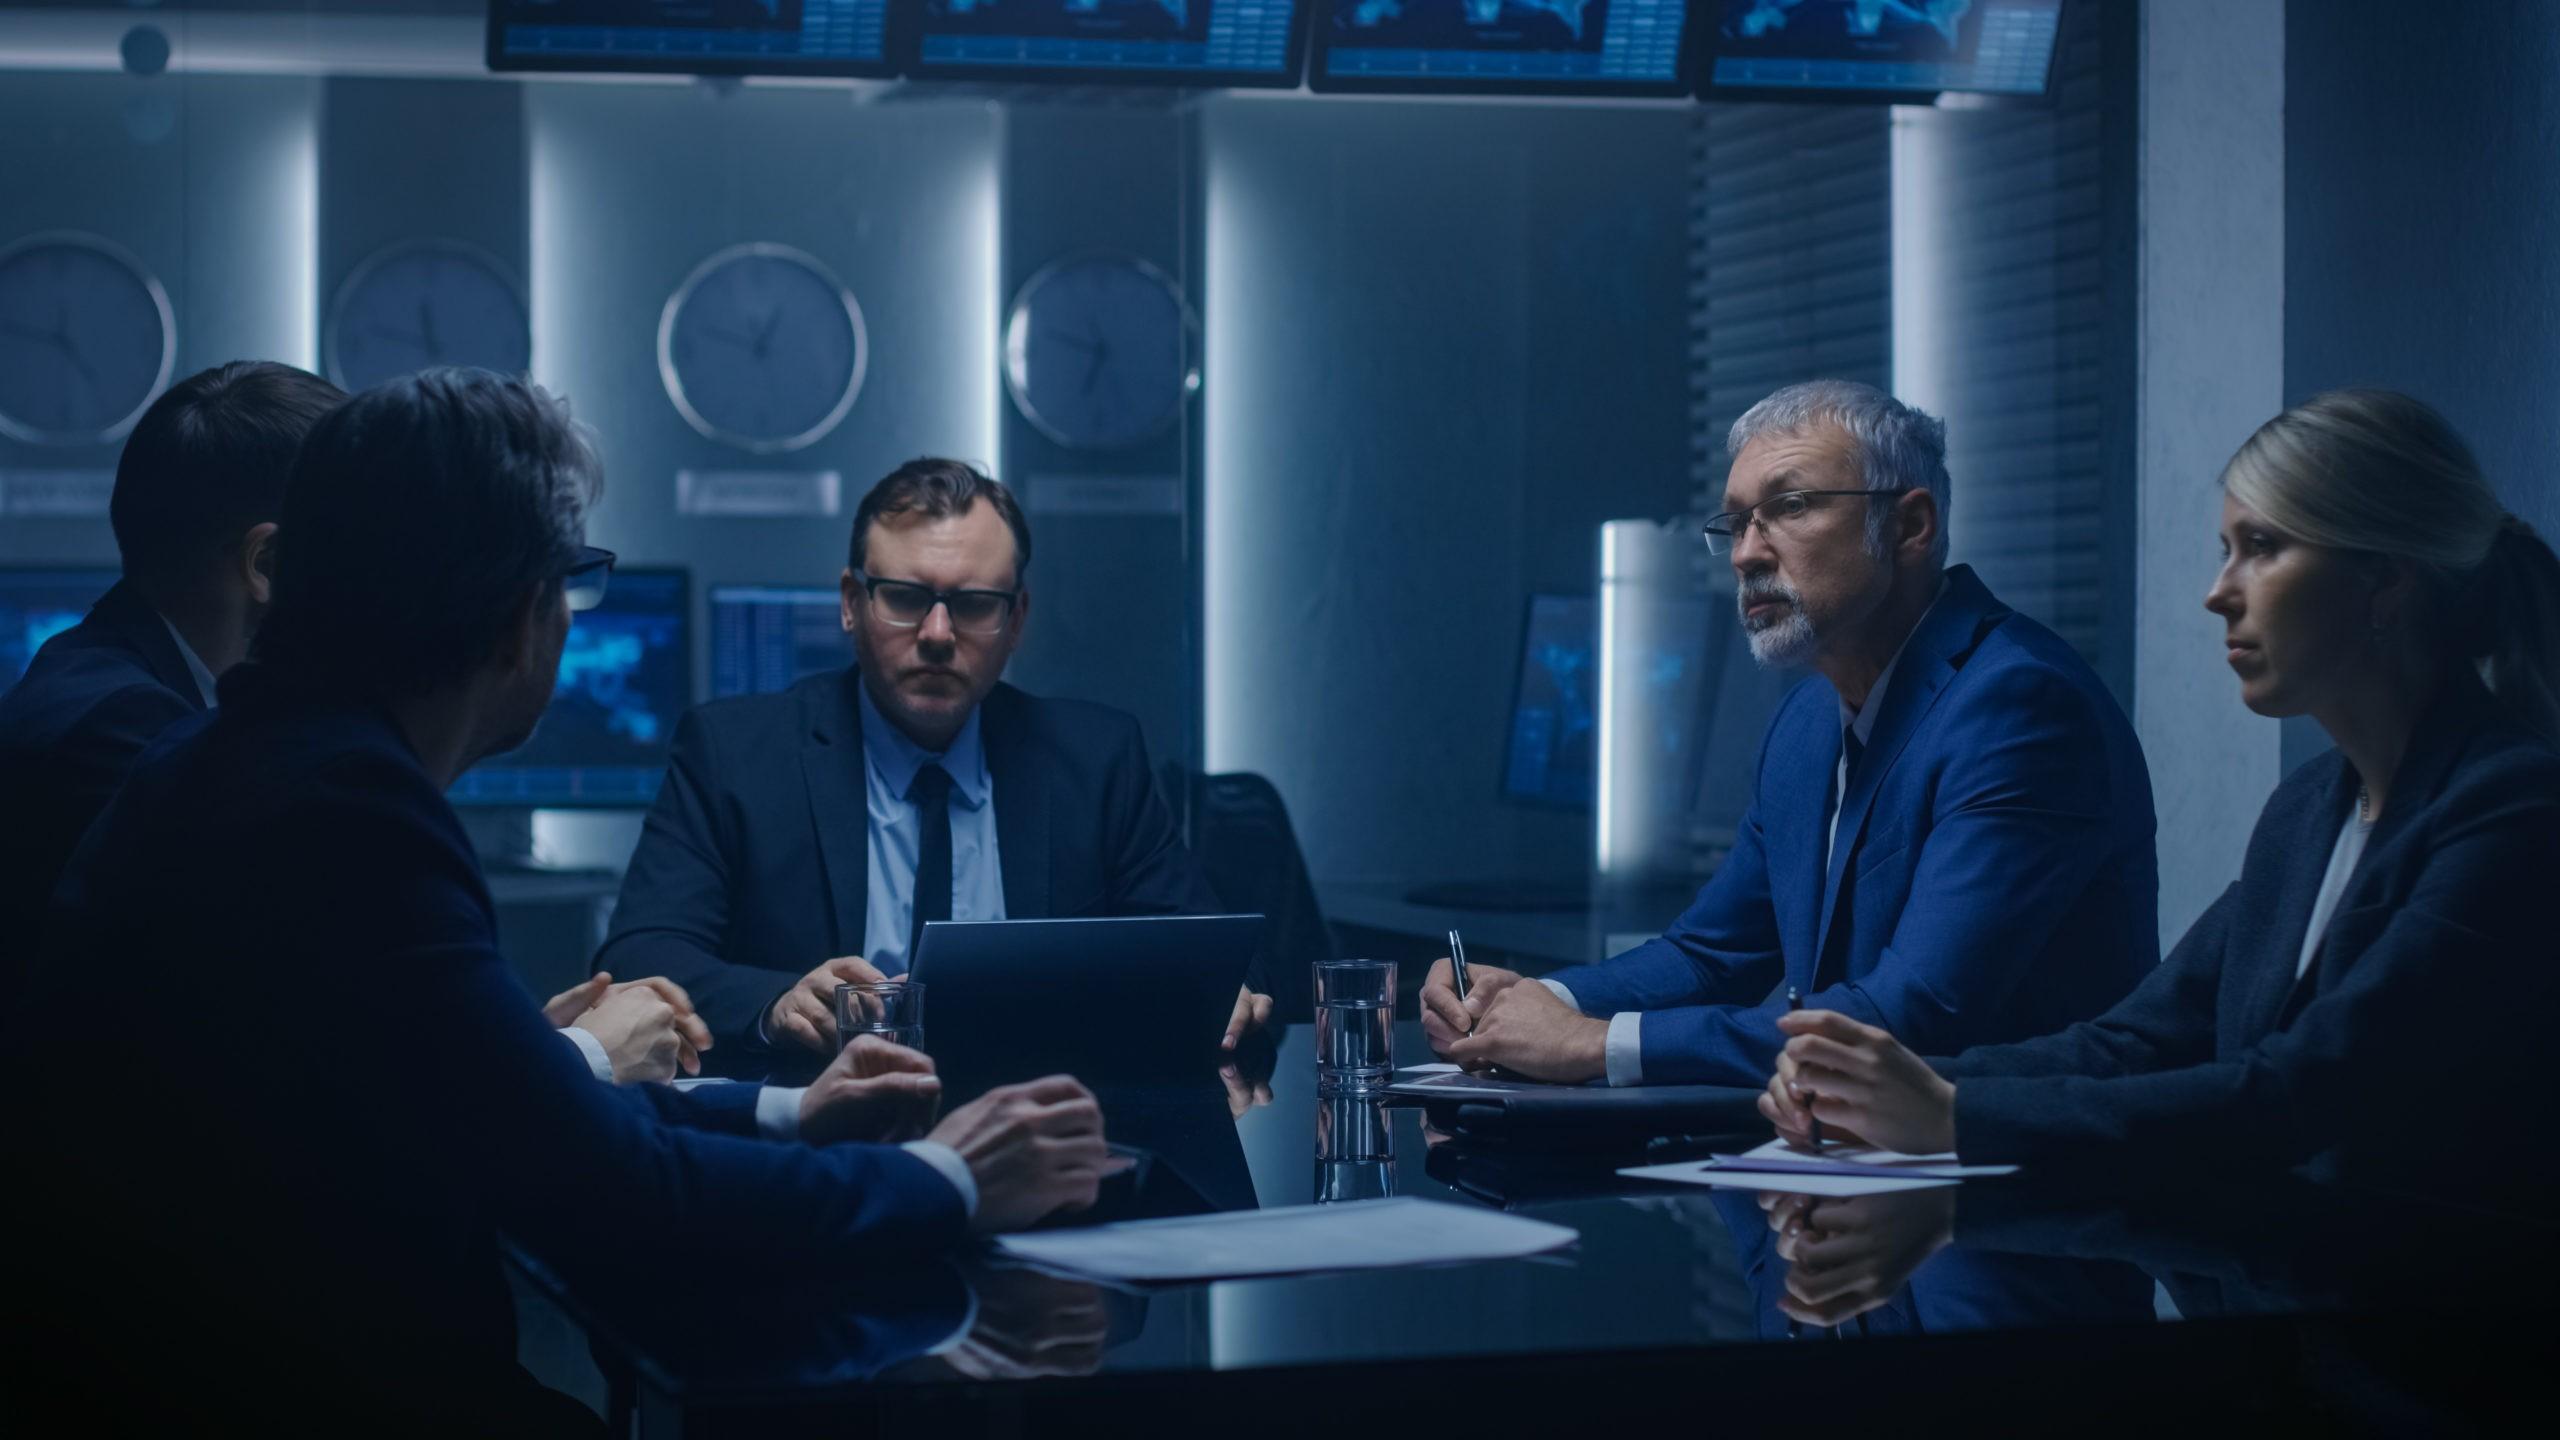 Teamwork ist für Ermittlungsarbeit enorm wichtig (Symbolfoto: shutterstock.com/Gorodenkoff)